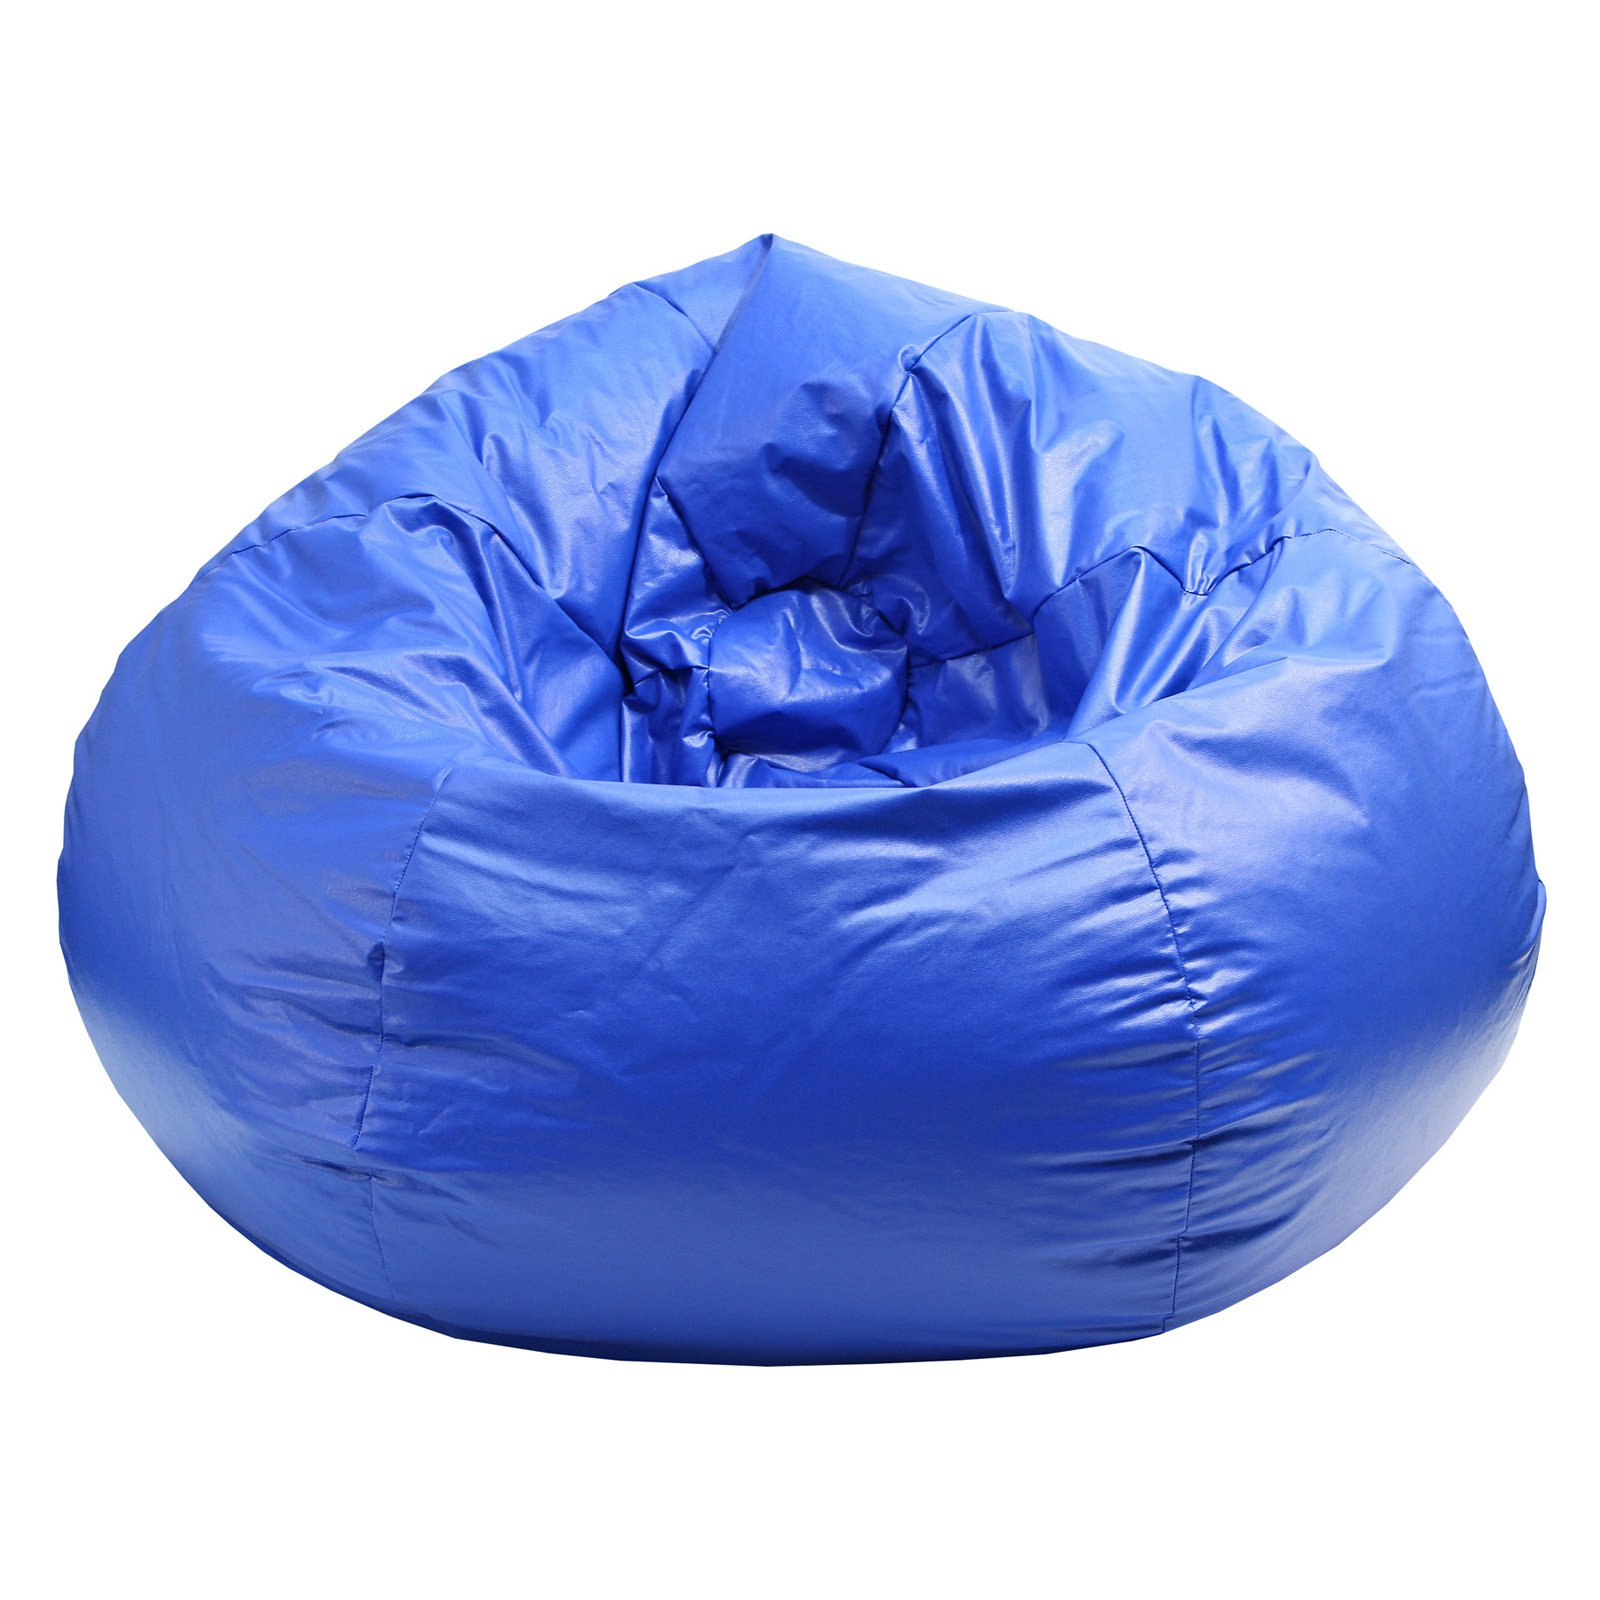 Medium/Tween Wet Look Vinyl Bean Bag